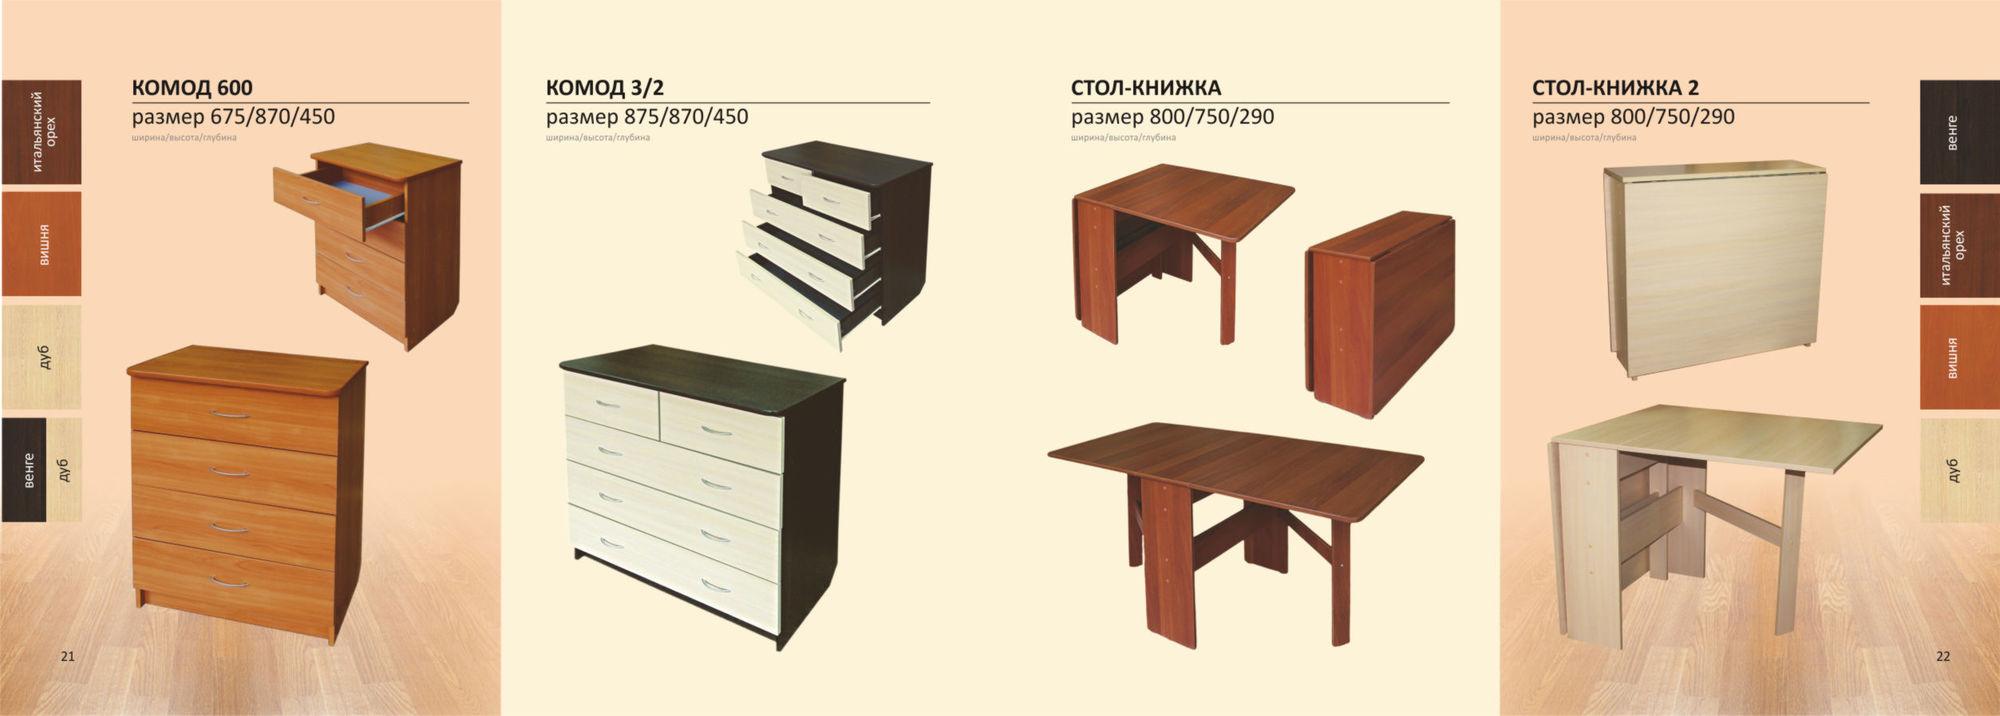 после хирургического магазины мебель в перми Новосибирская